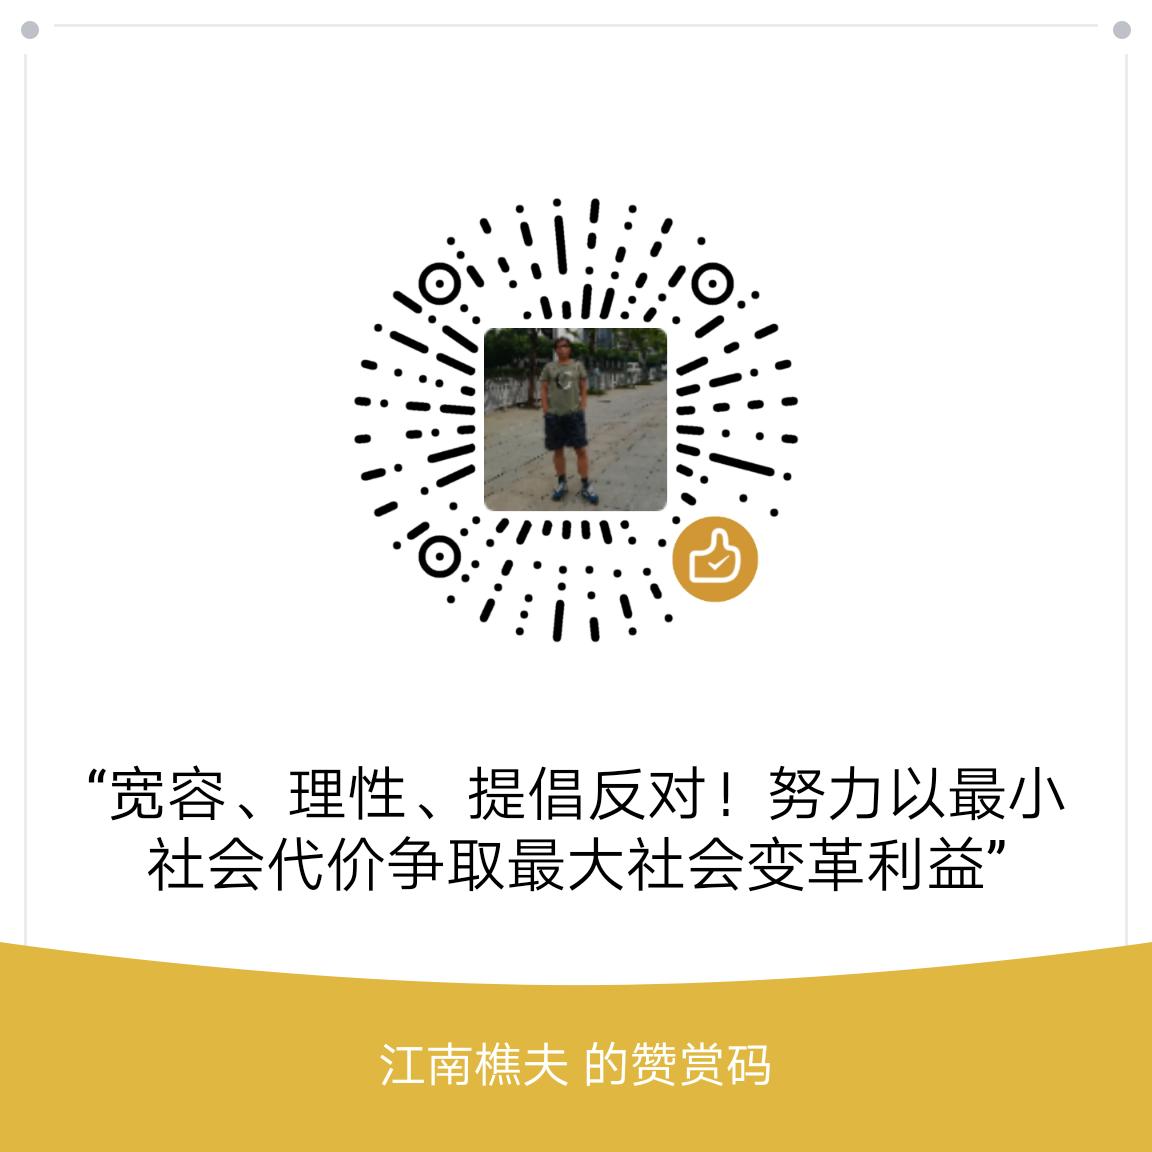 《人民公敌》:中国百年新文化运动不过黄粱一梦_图1-3